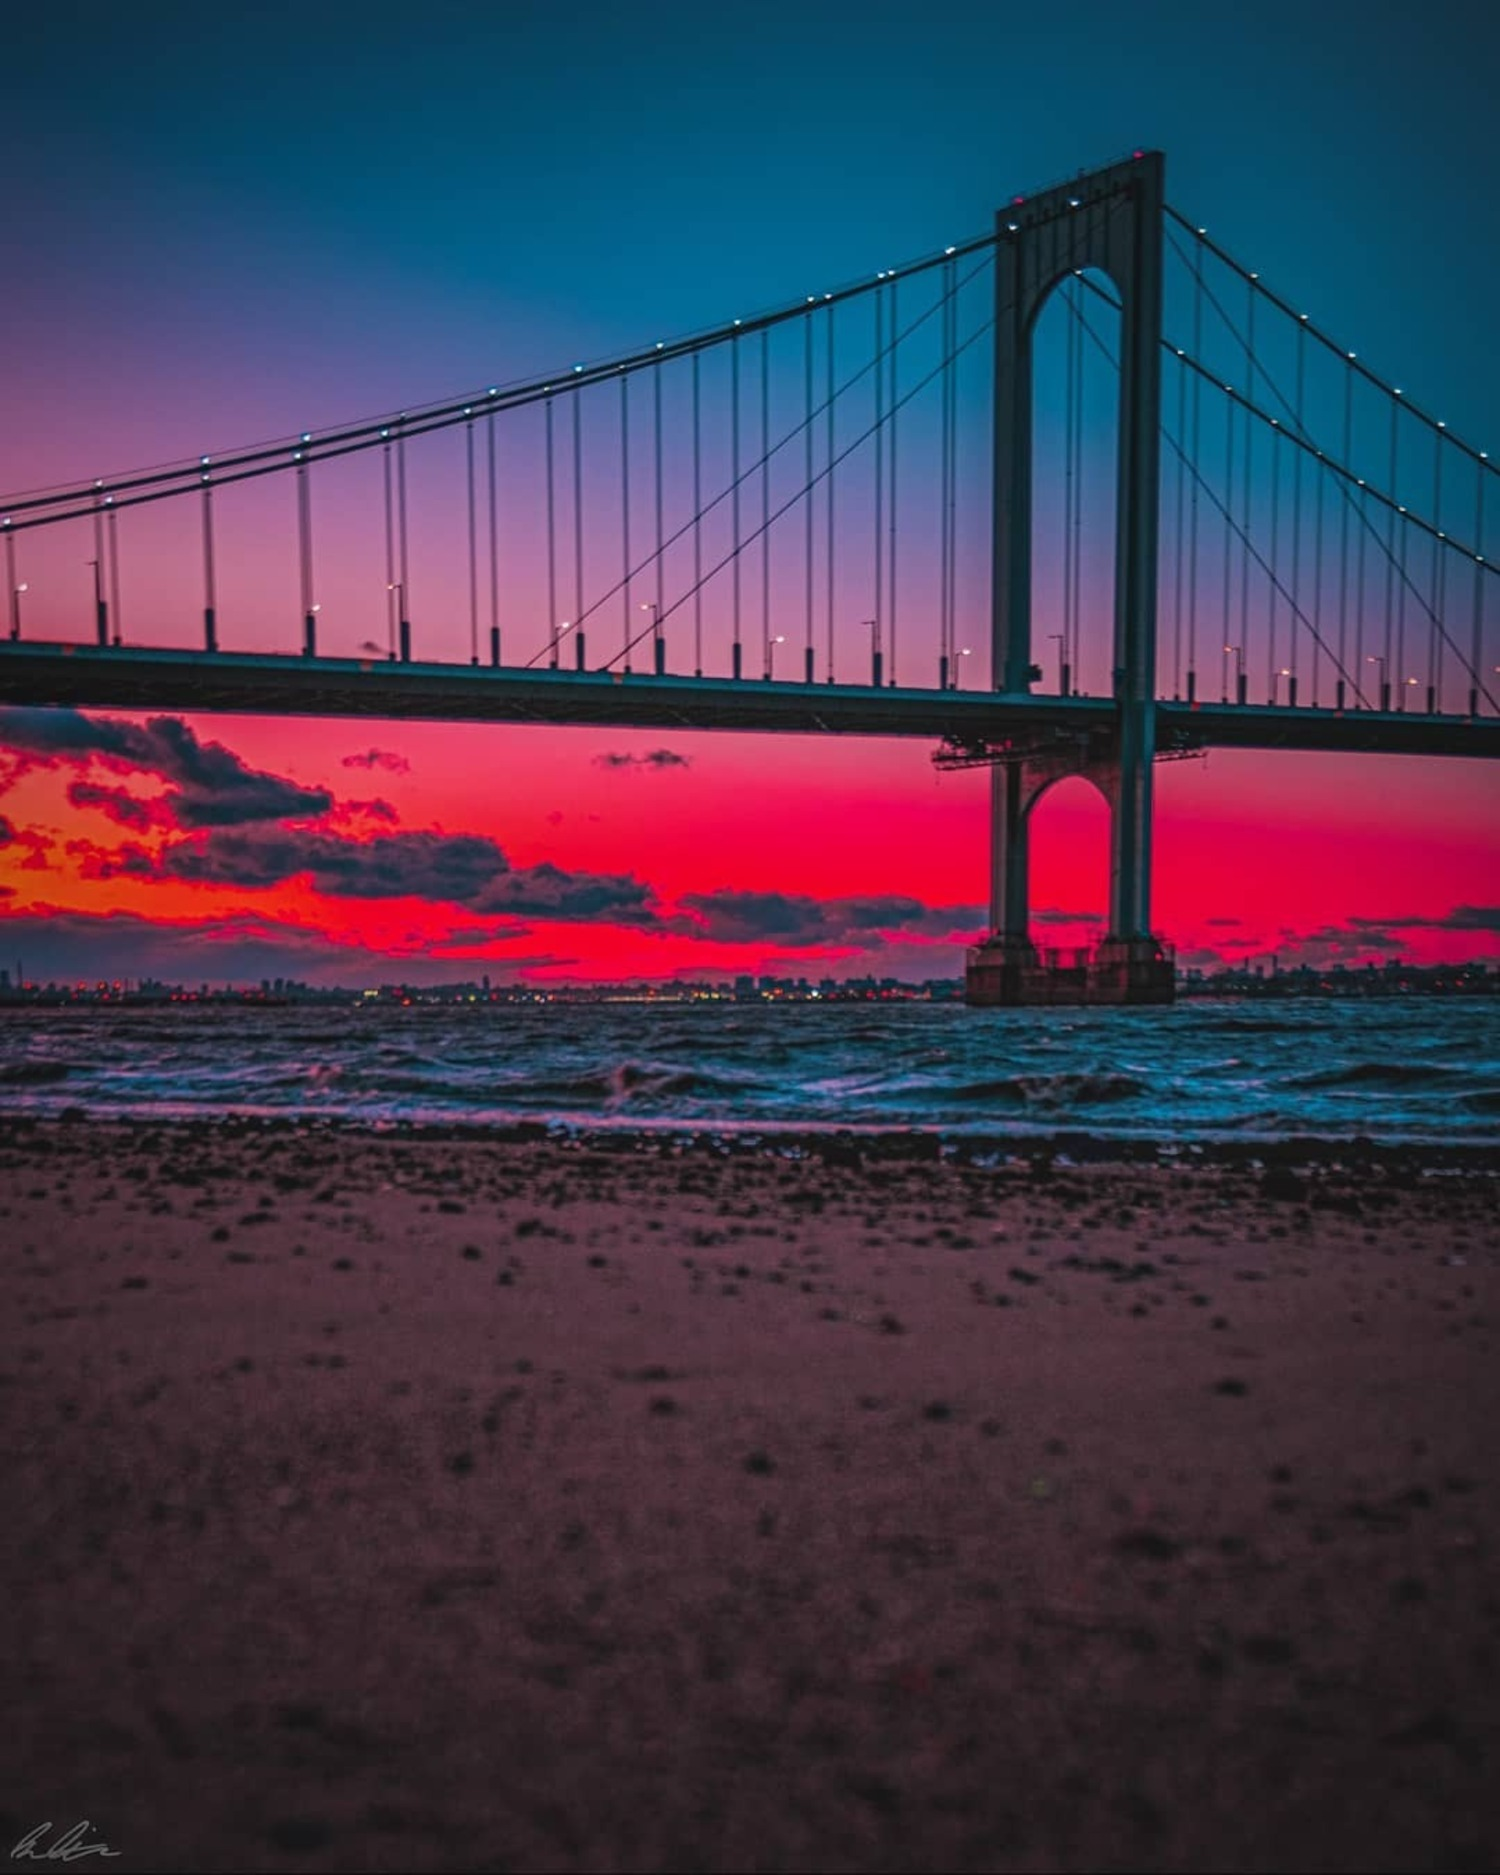 Whitestone Bridge, Queens, New York